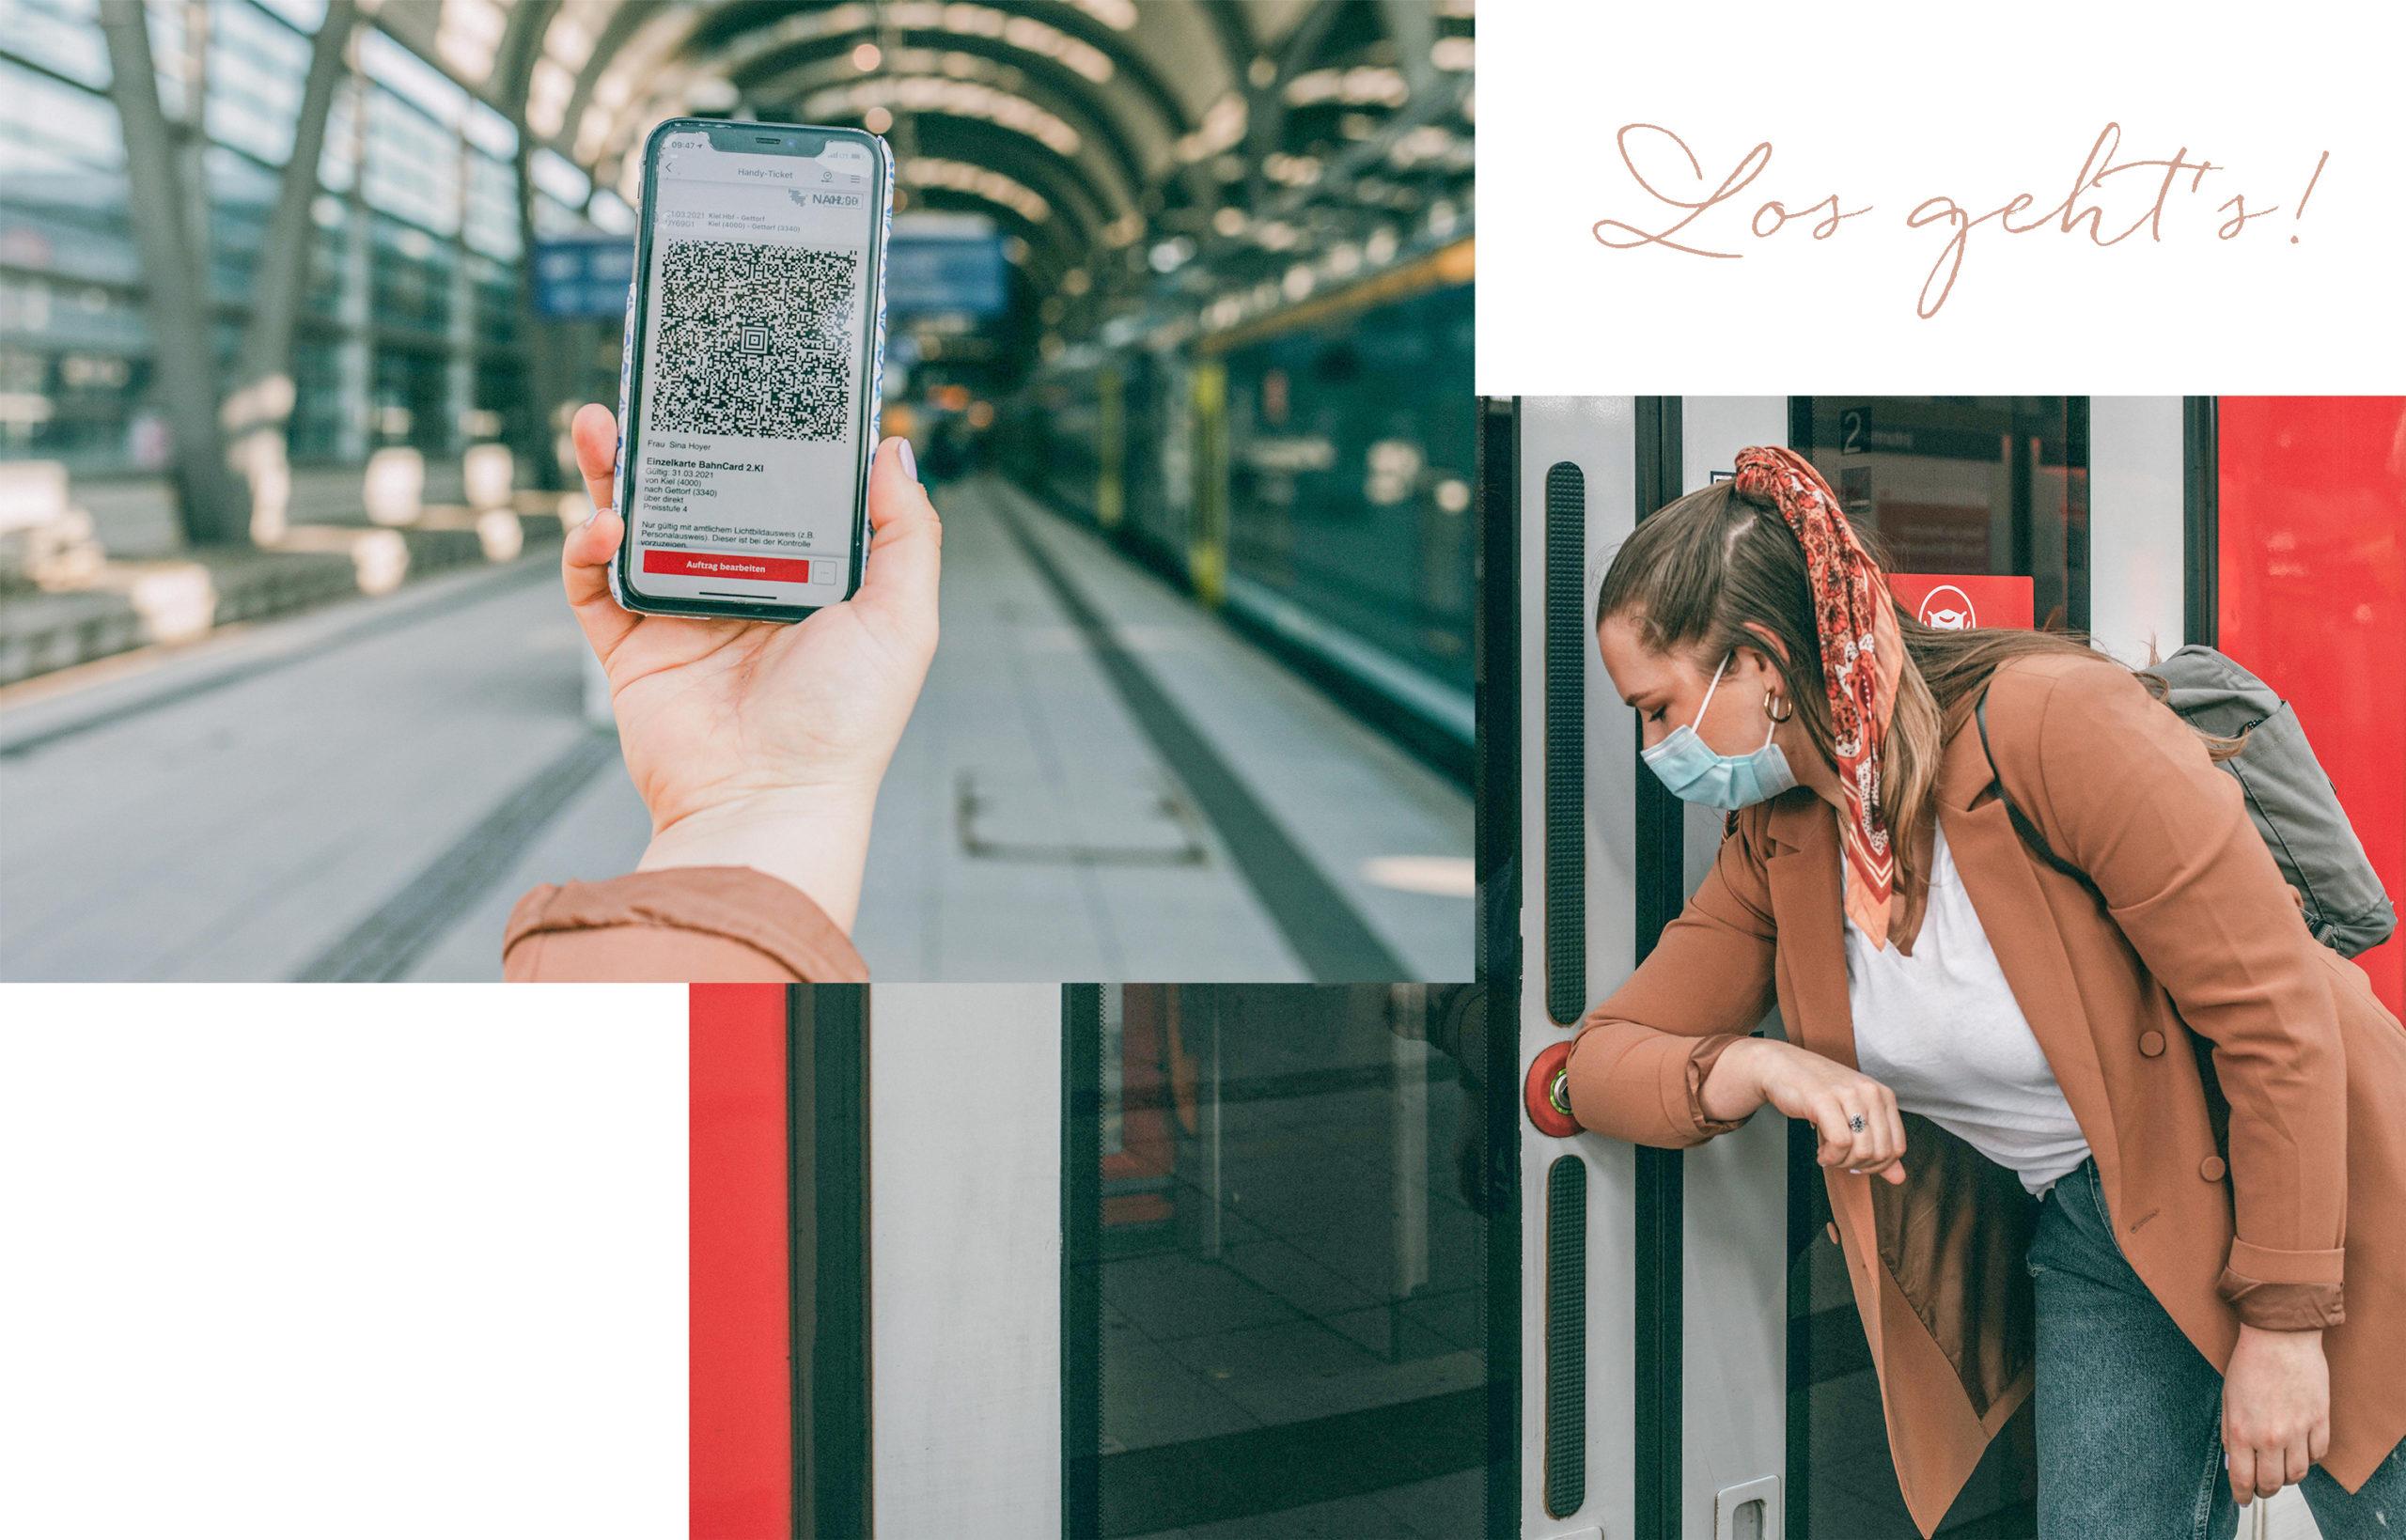 DB Bahn App